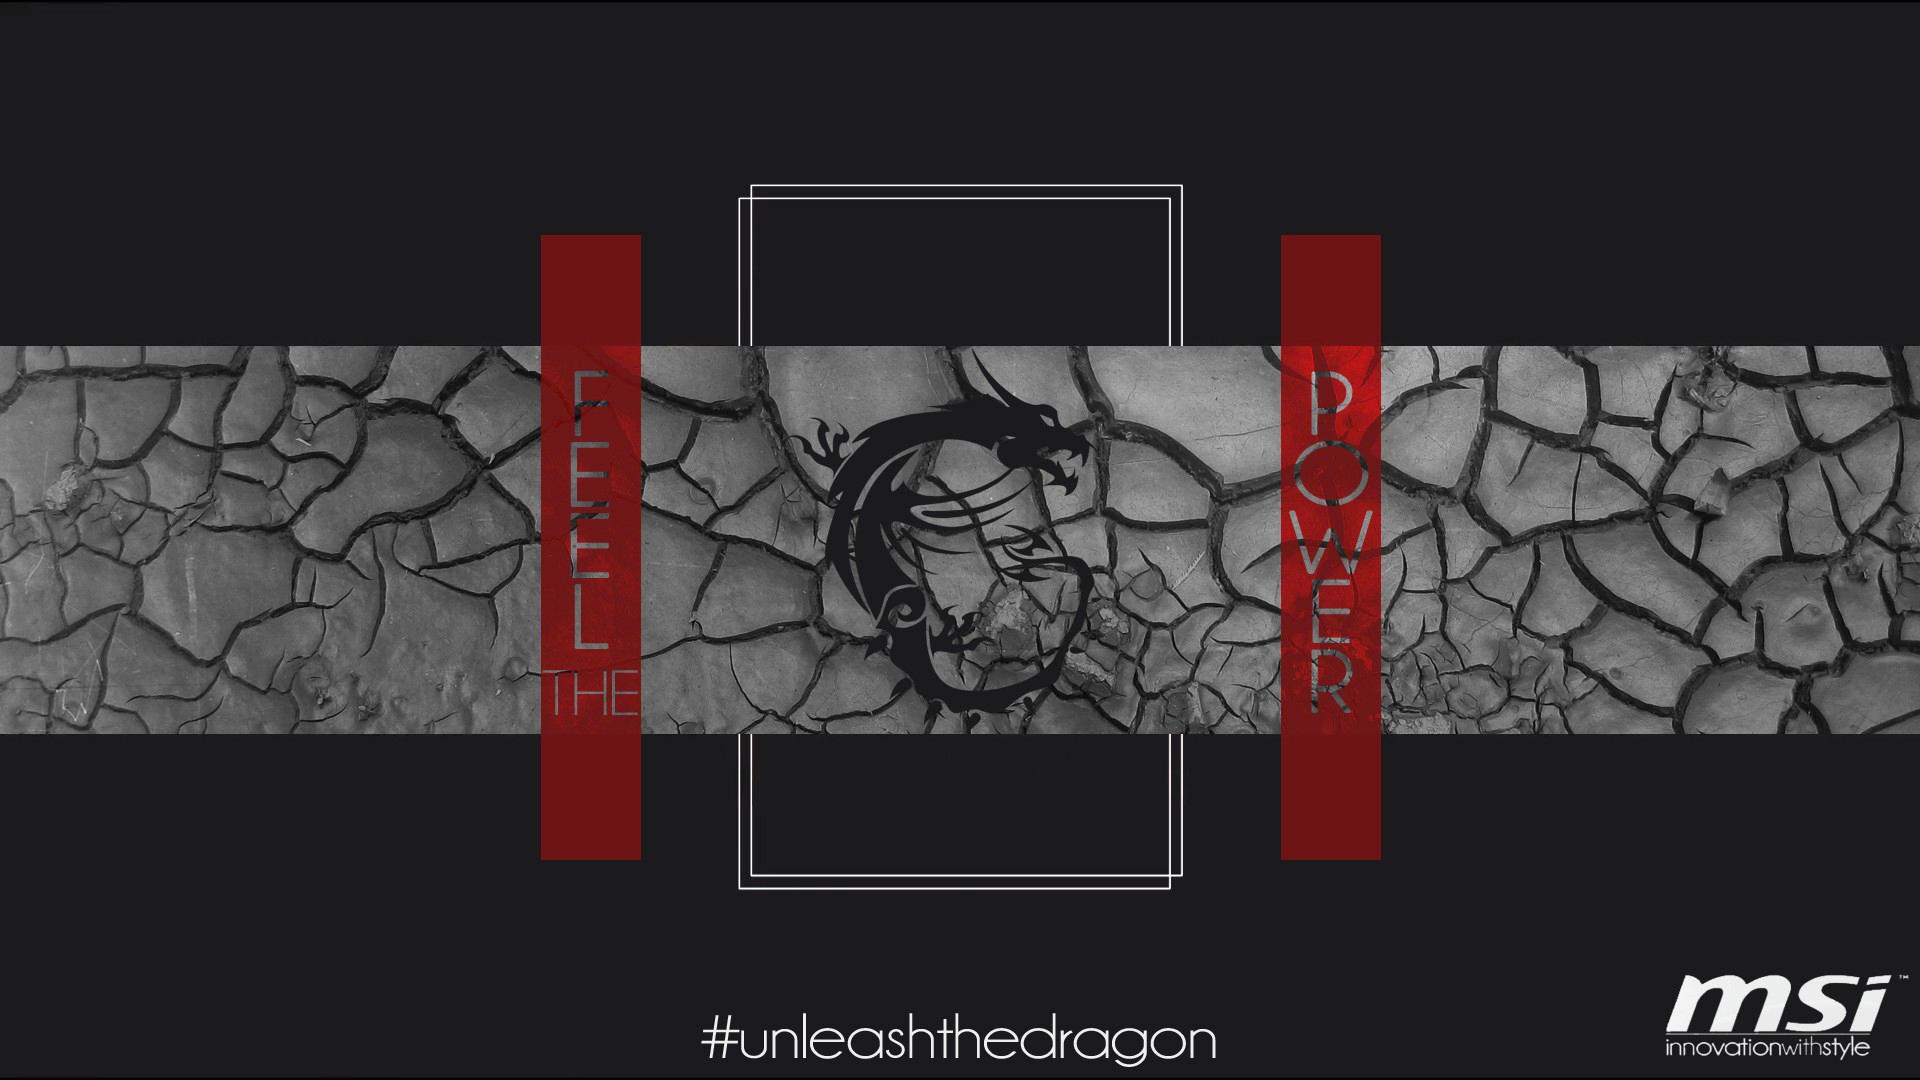 Download Wallpaper Logo Dragon - msi-logo-dragon-hd-1920x1080  2018_42754.jpg